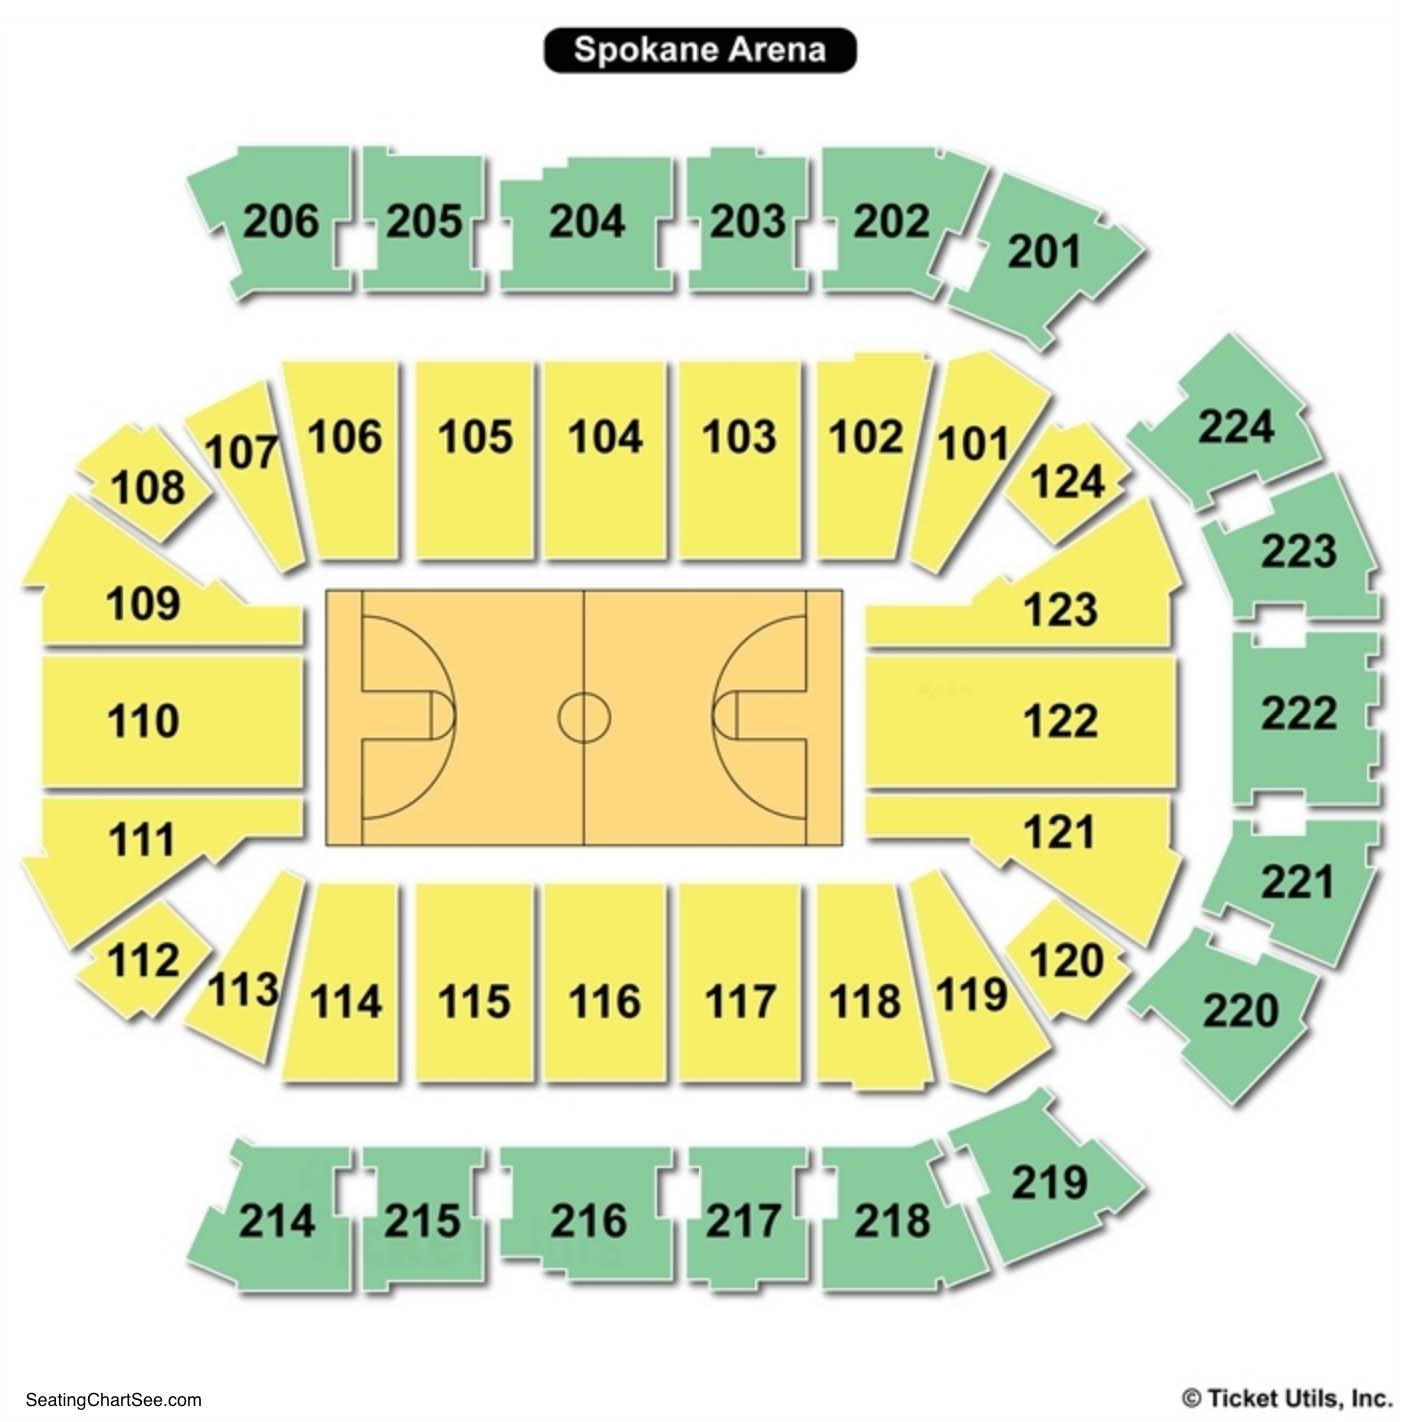 Spokane Arena Seating Chart Basketball